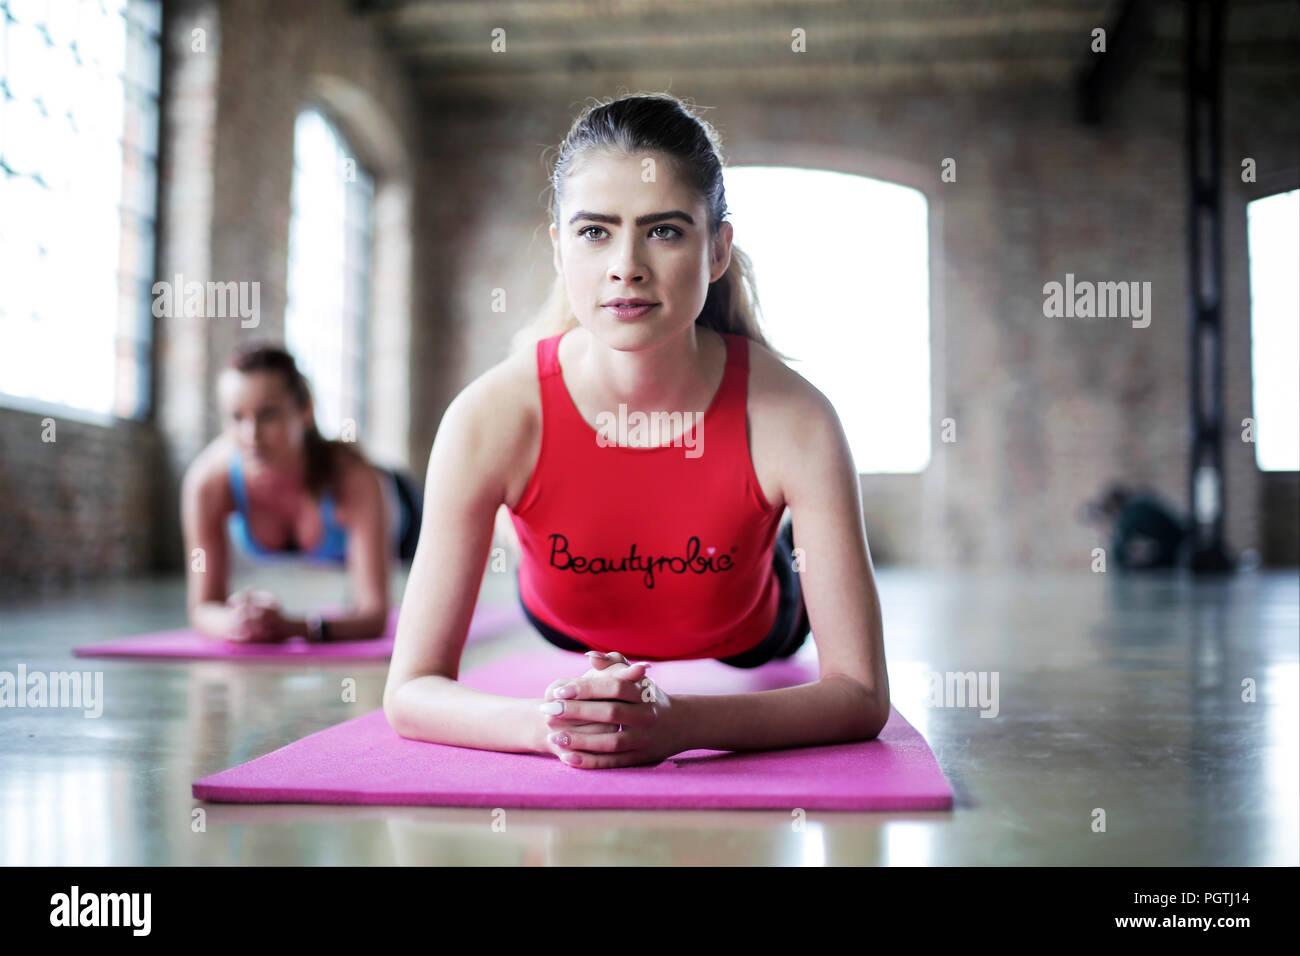 Belles femmes bénéficiant de l'Aérobic sur salle de sport, d'entraînement sur les femmes avant la formation gym mat Photo Stock